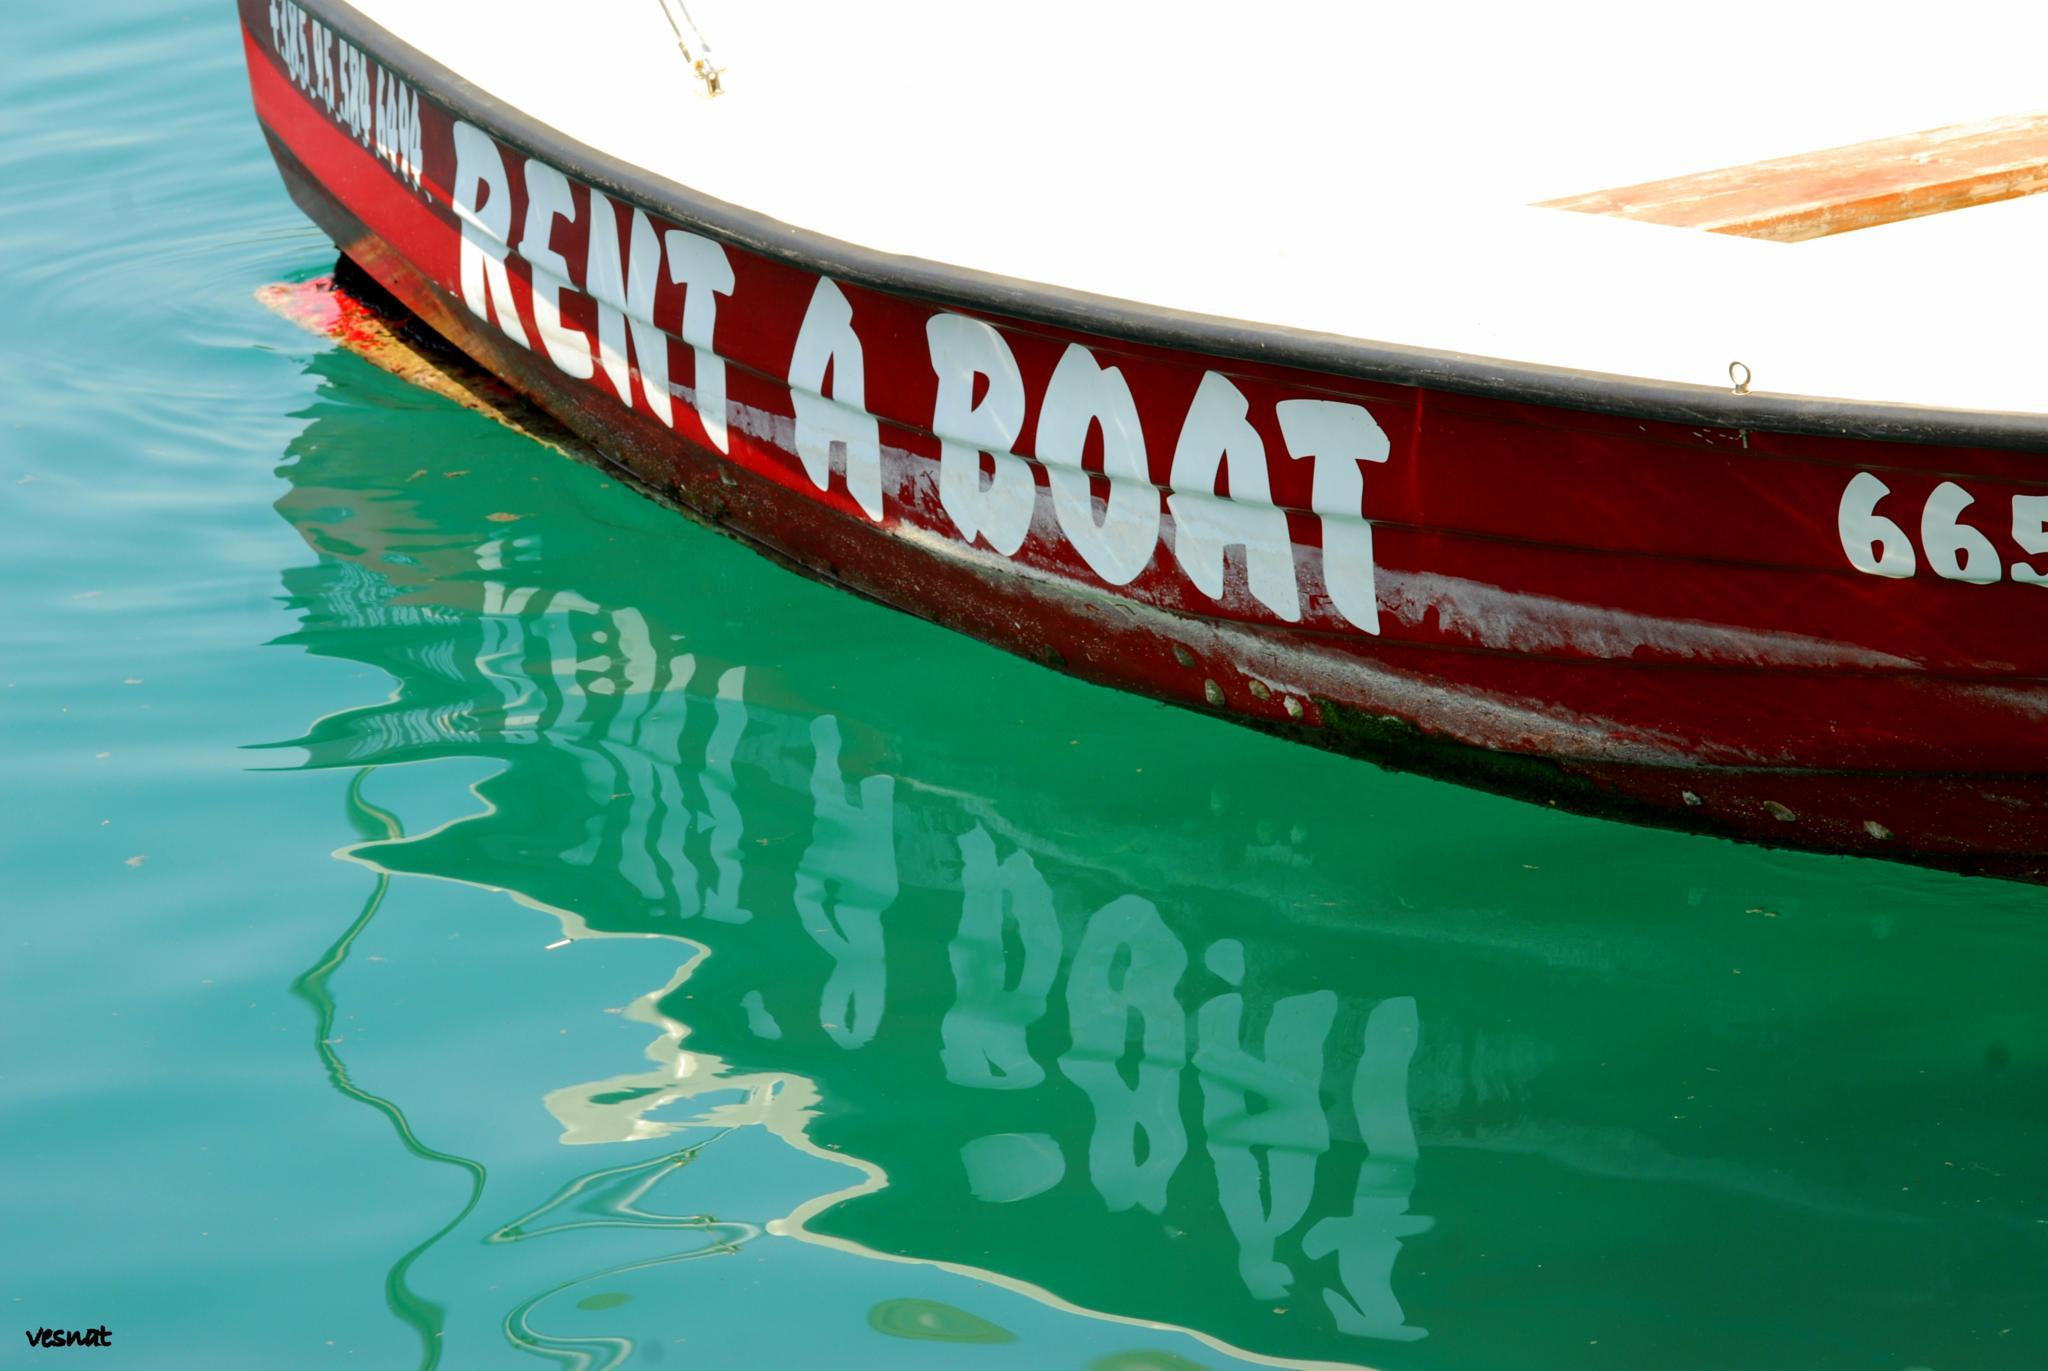 rent a boat by vesna.tafra